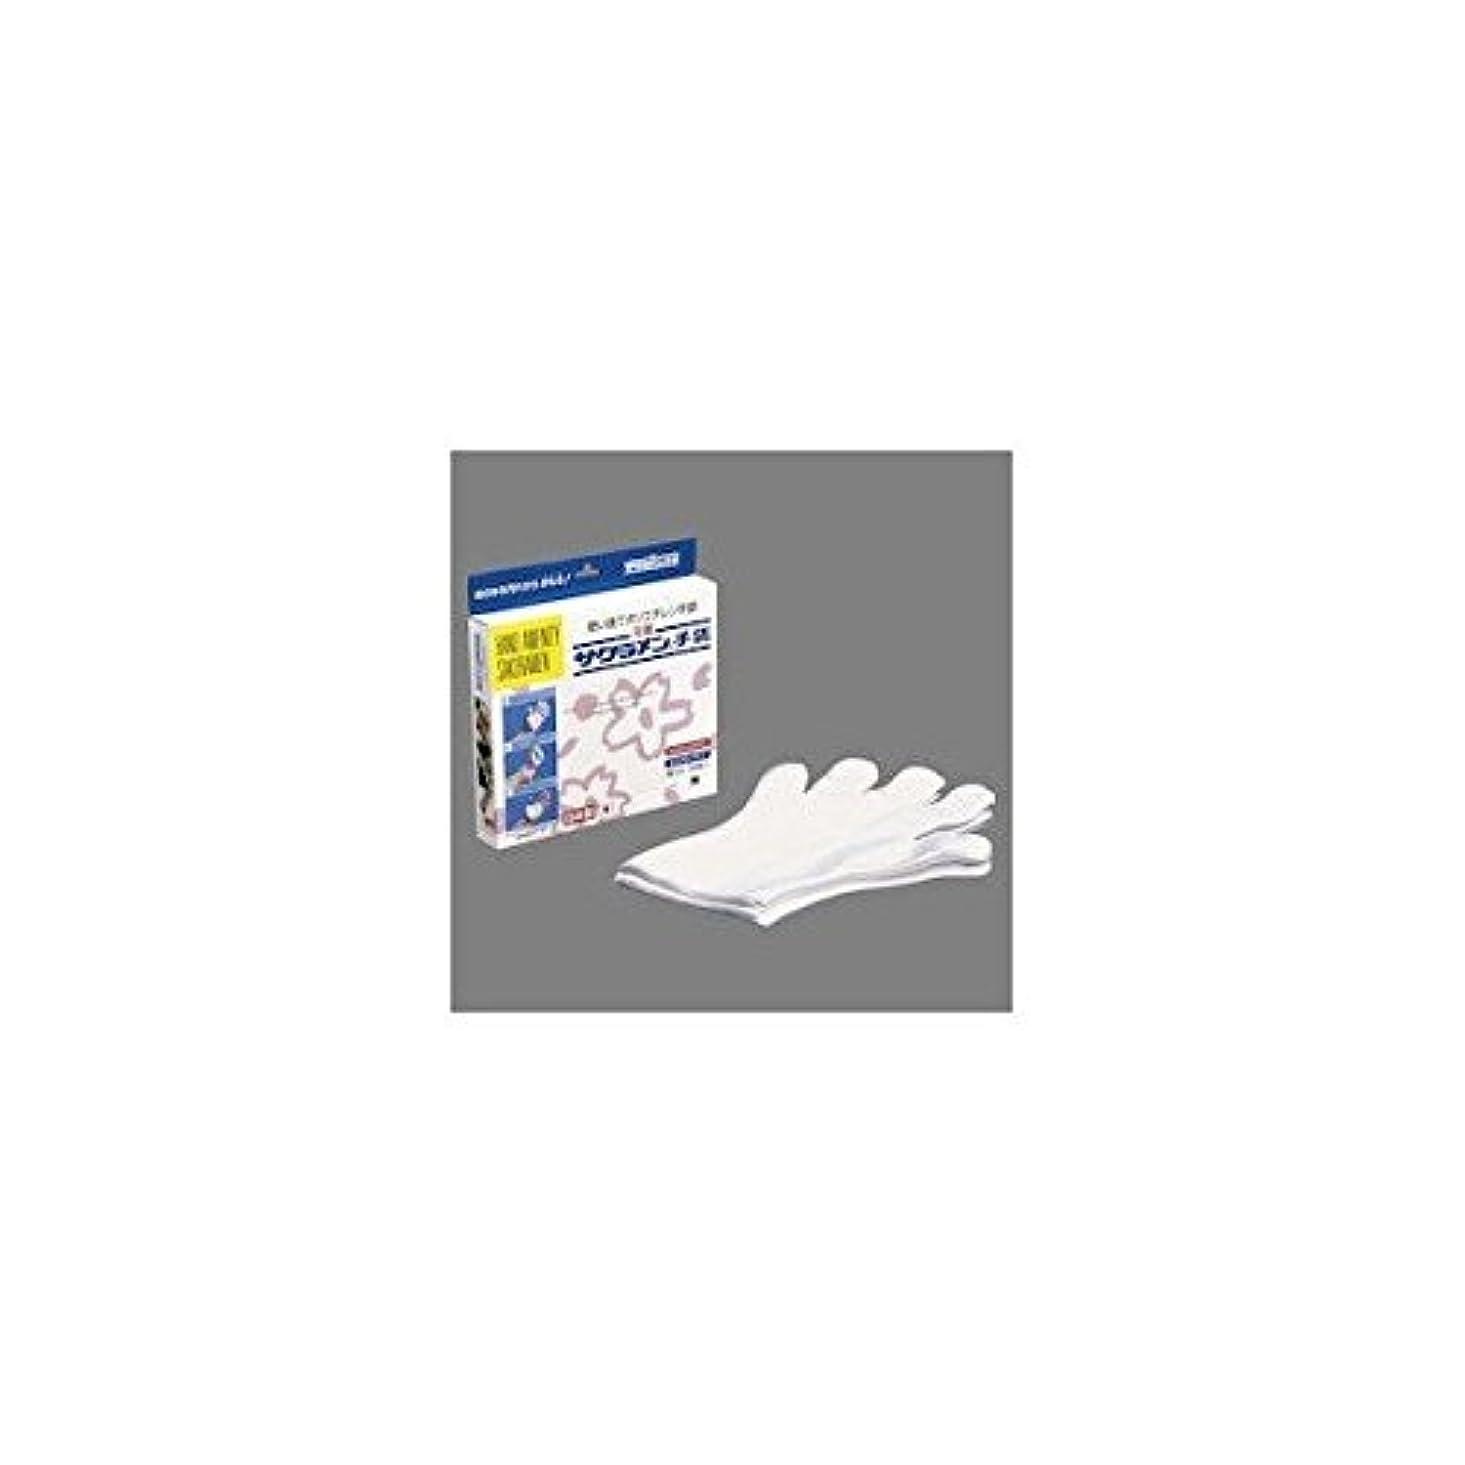 ピケ阻害するバクテリアサクラメン エコノミー手袋 強力A(200枚入)S 18μ